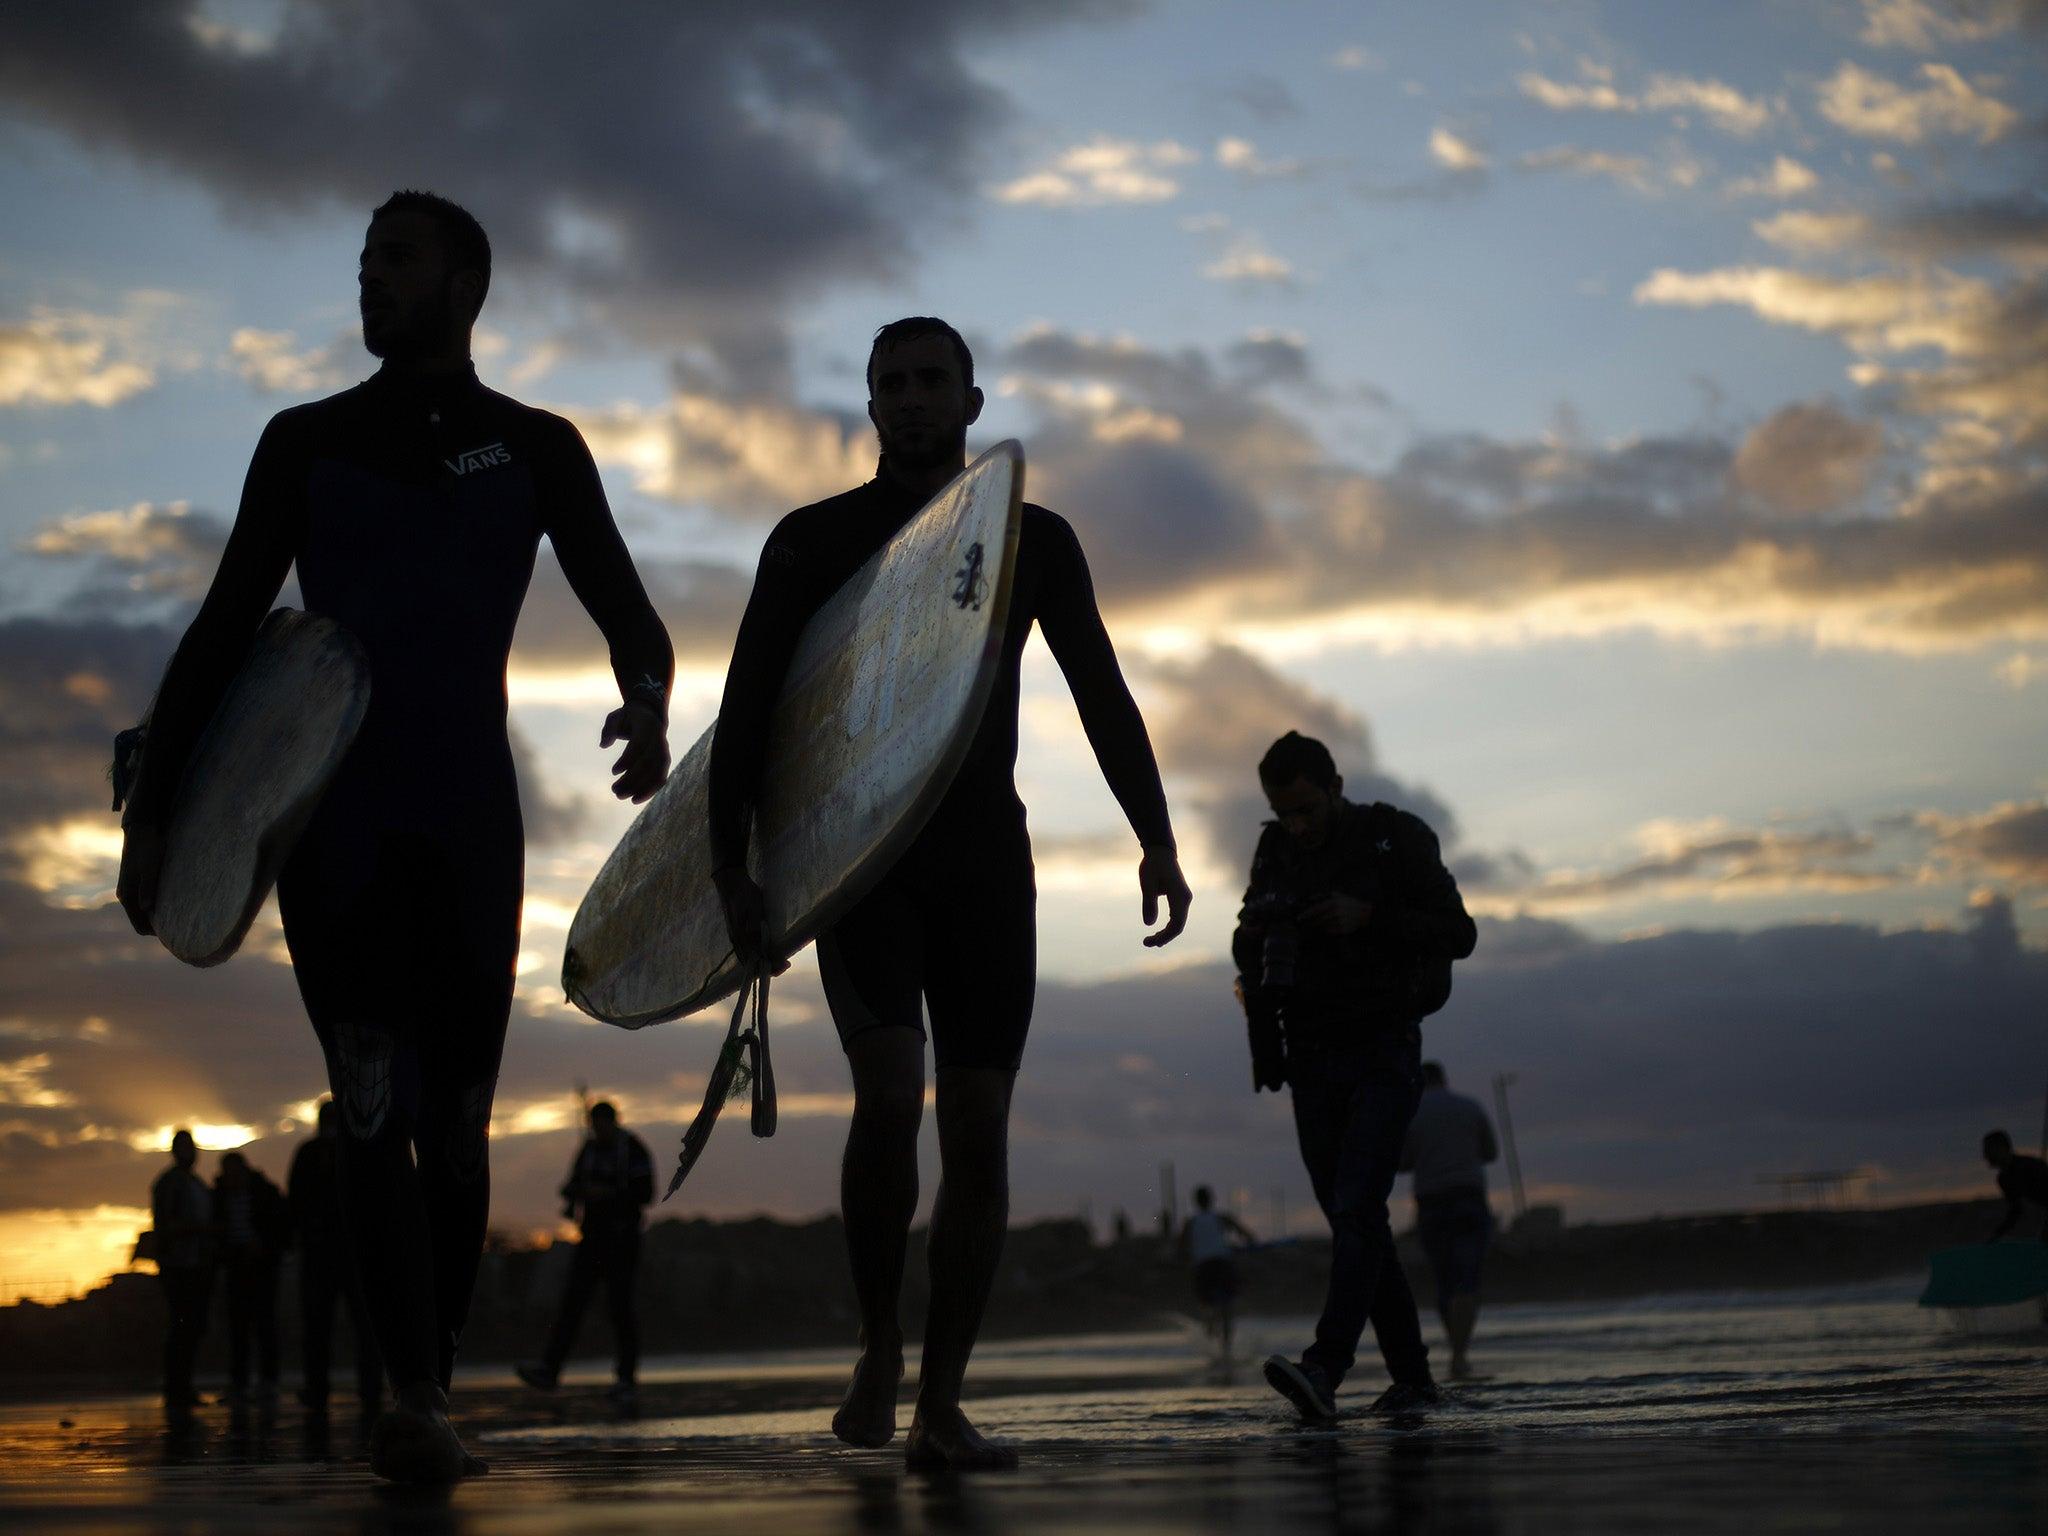 Gaza surf club trailer